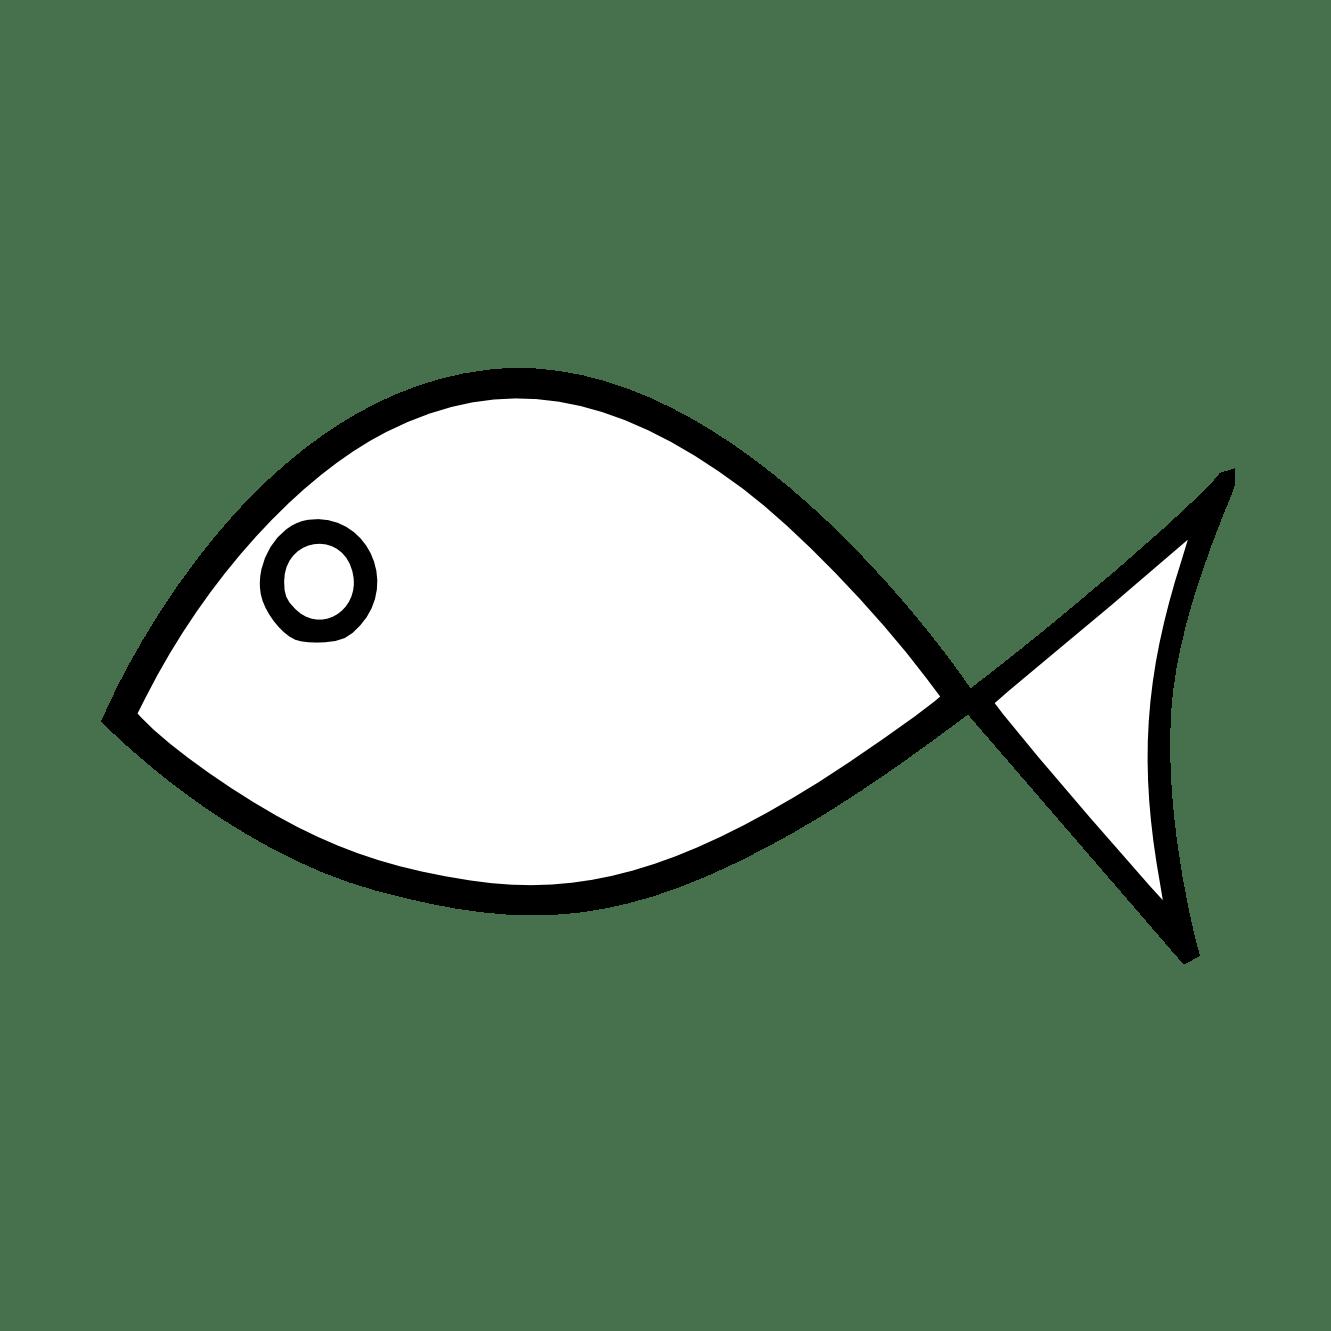 hight resolution of fish clip art